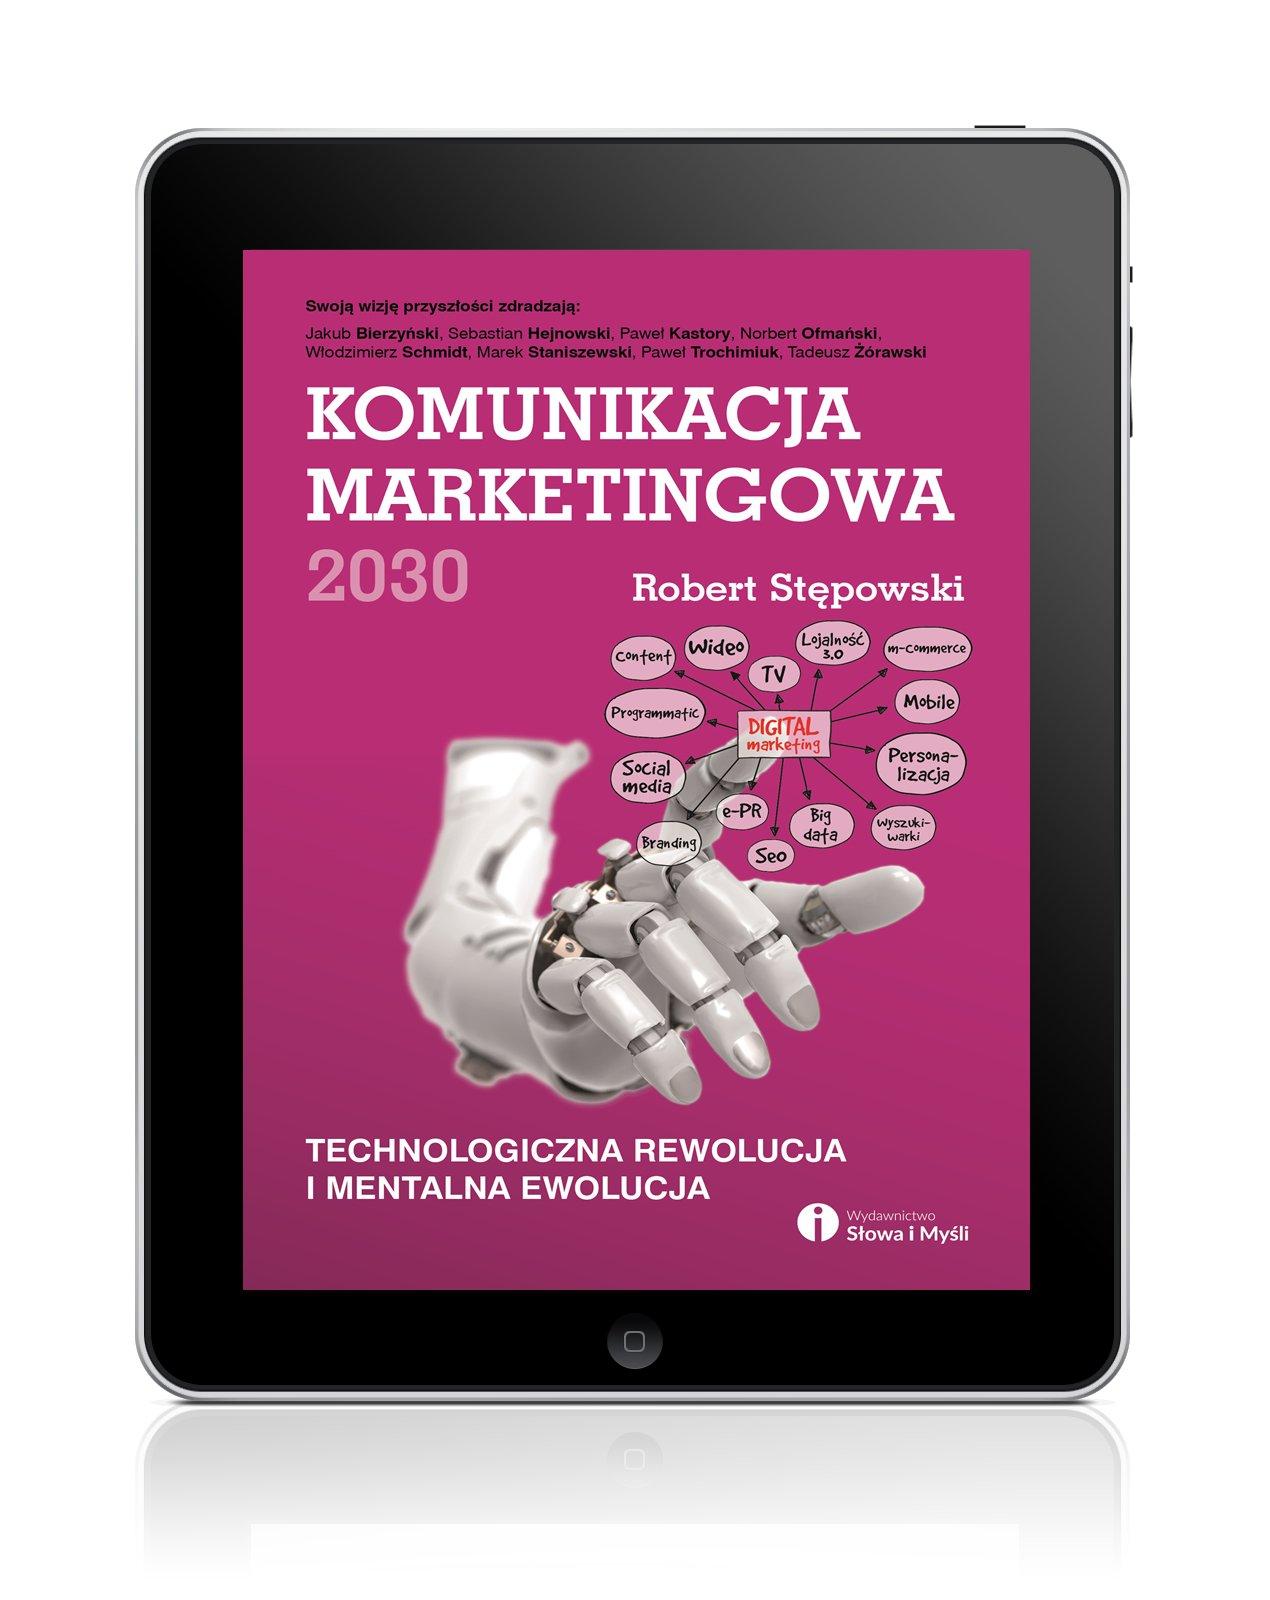 Komunikacja marketingowa 2030. Technologiczna rewolucja i mentalna ewolucja - Ebook (Książka EPUB) do pobrania w formacie EPUB